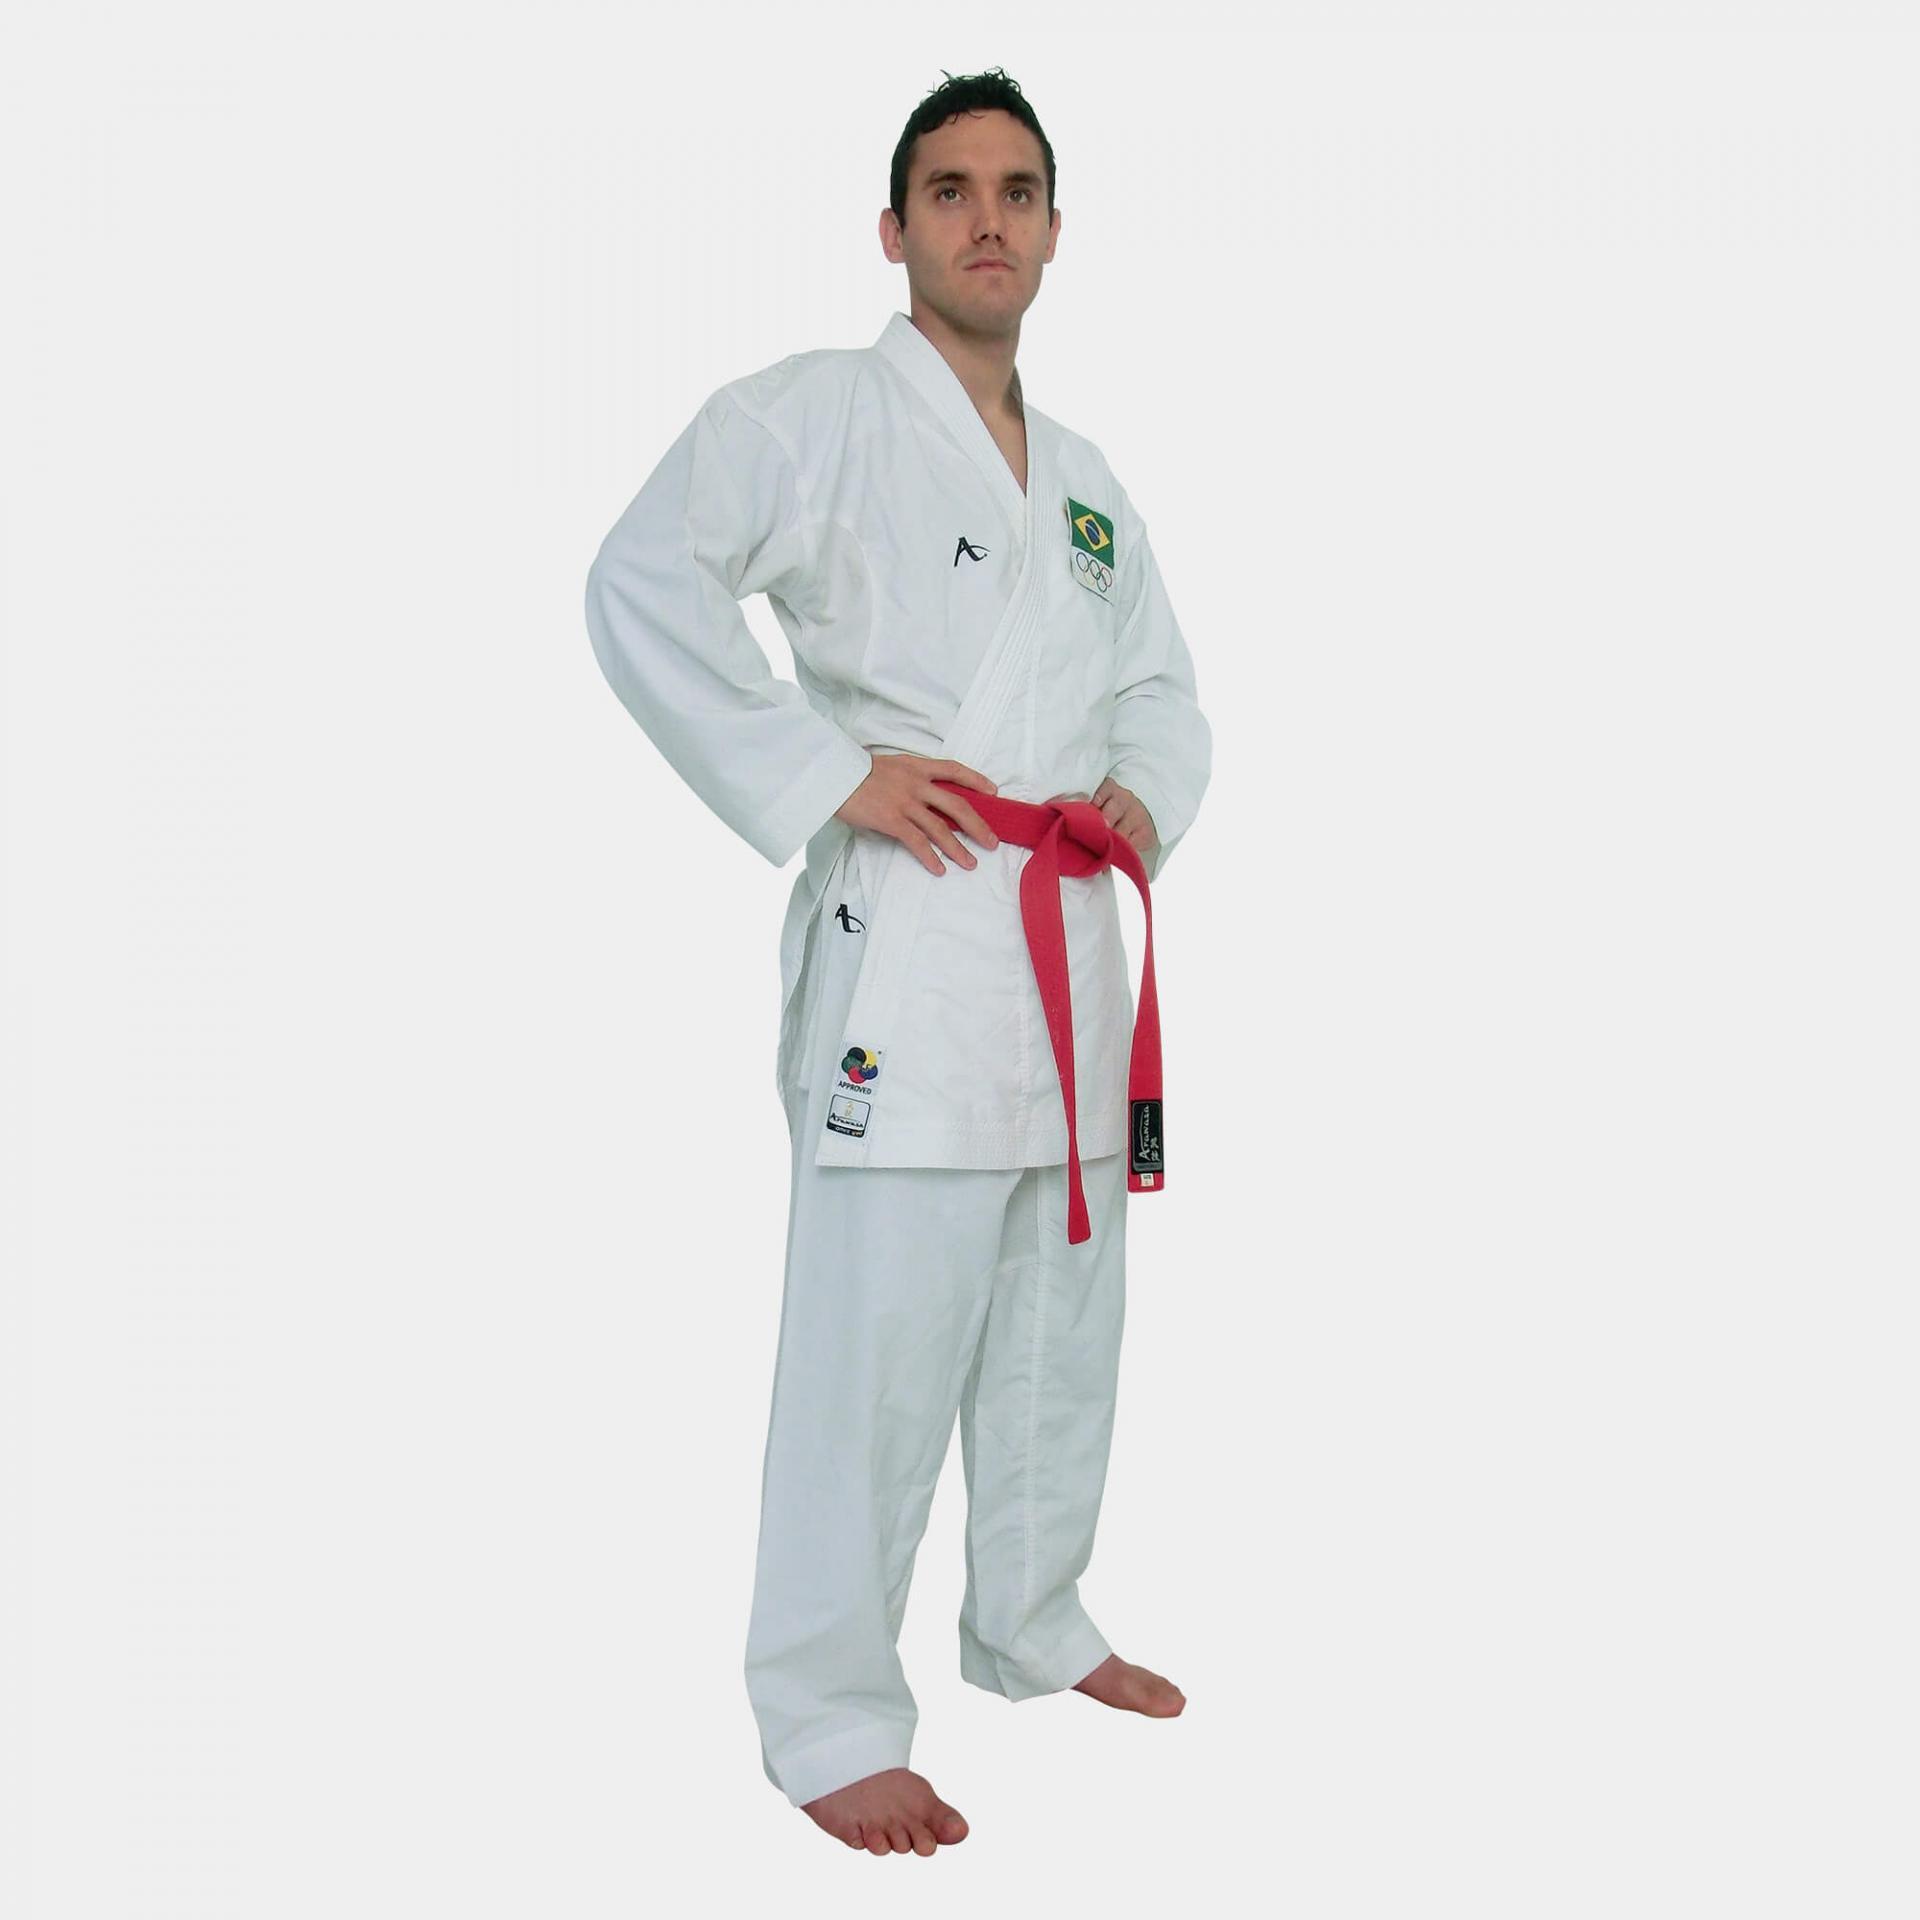 Uniform onyxevolution expert white arawaza